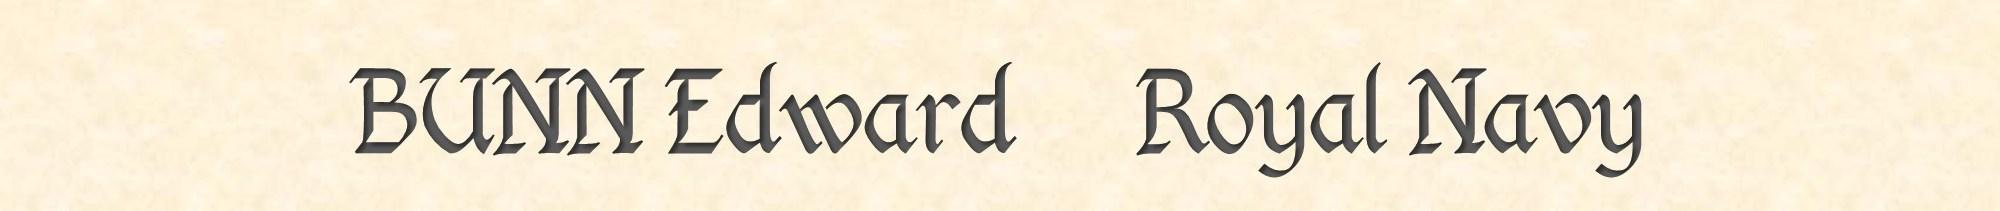 Edward Bunn header